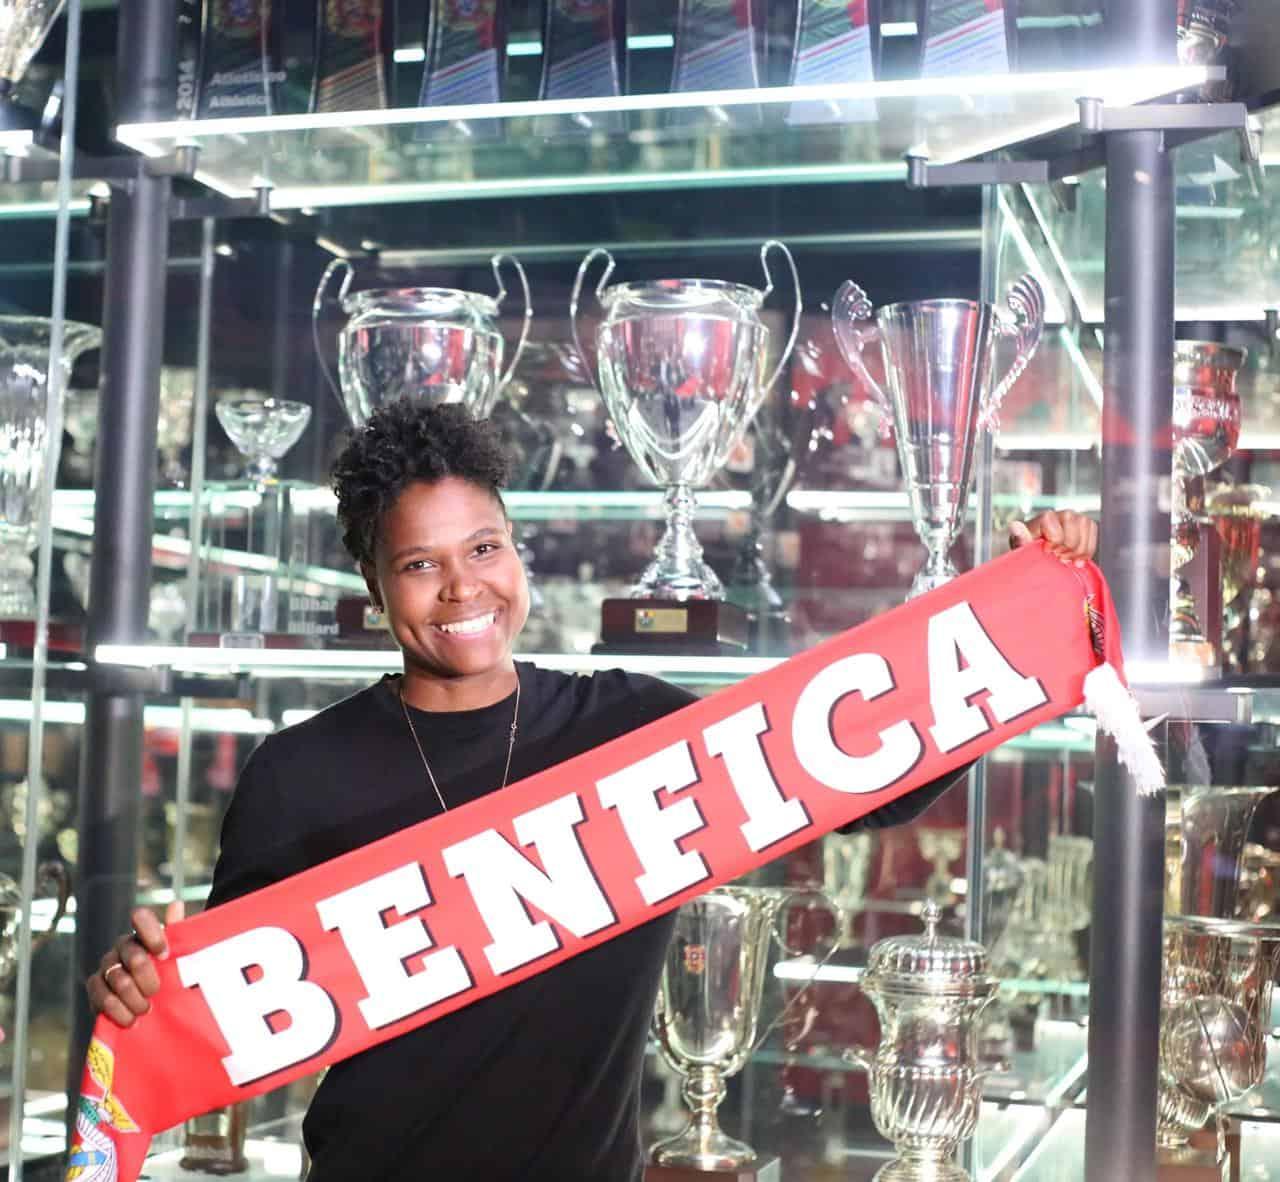 Conheça a história da goleira Dida, a menina de Simões Filho que brilha no futebol Europeu